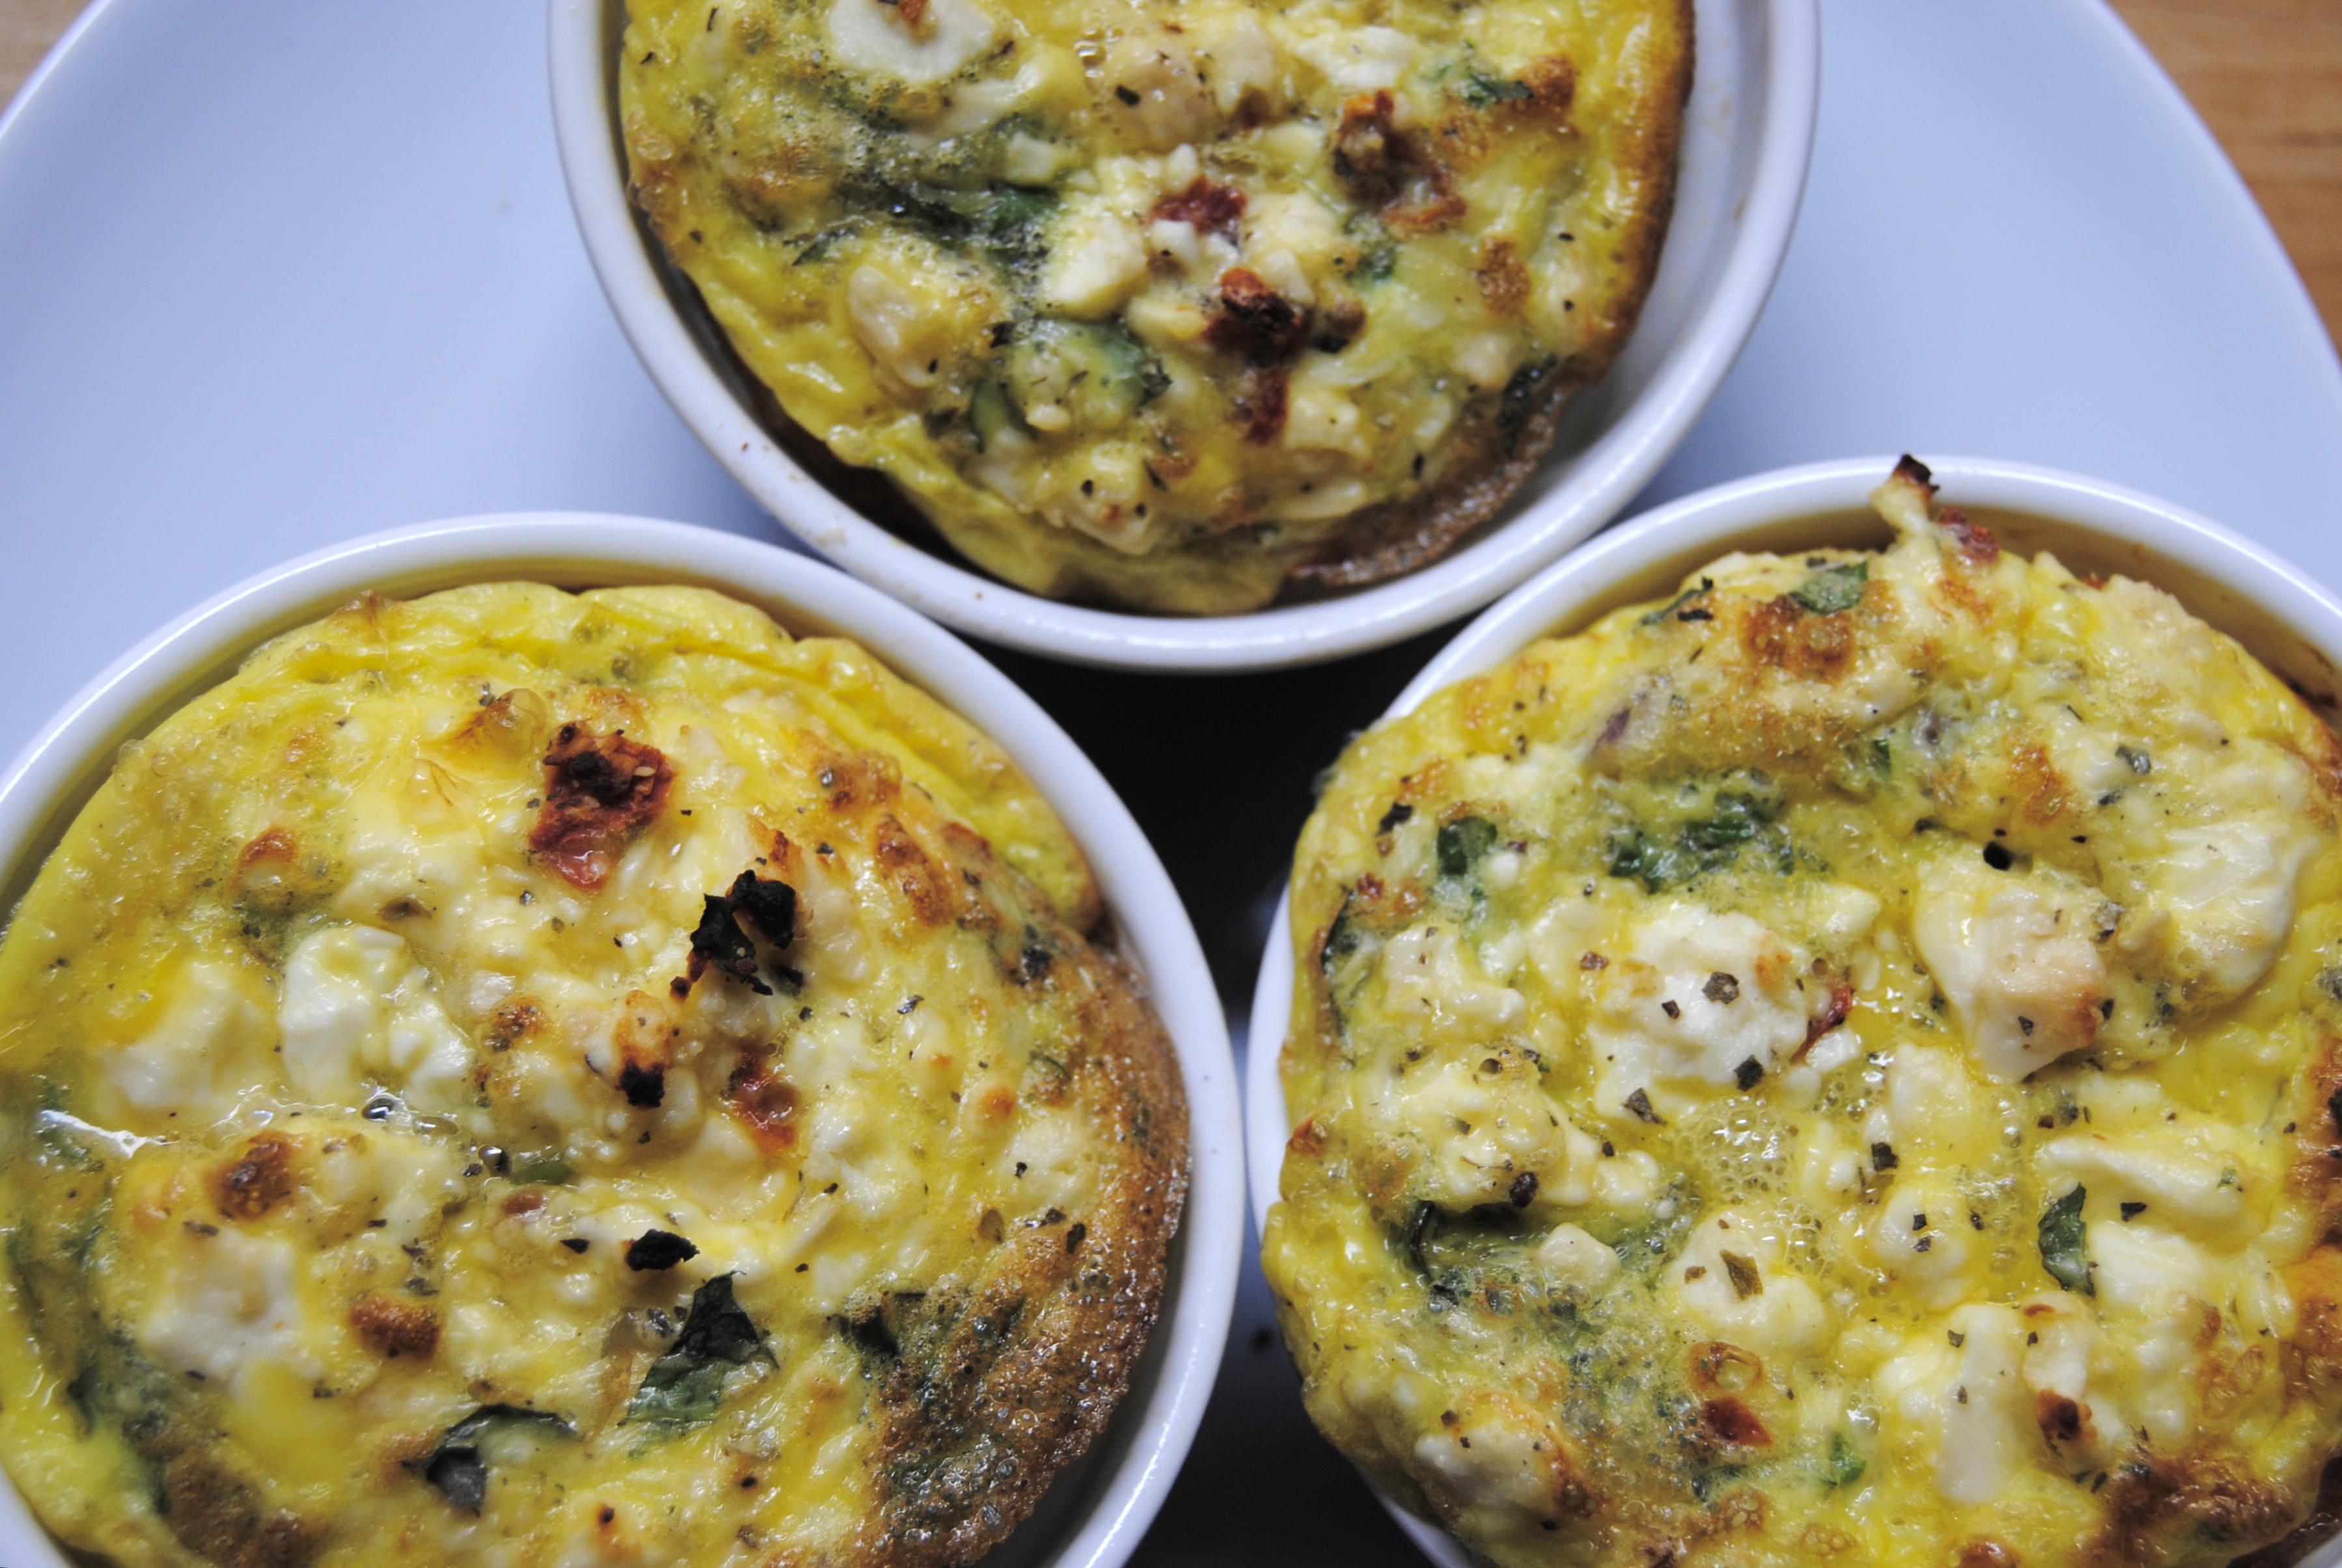 Mediterranean Omelette Souffle